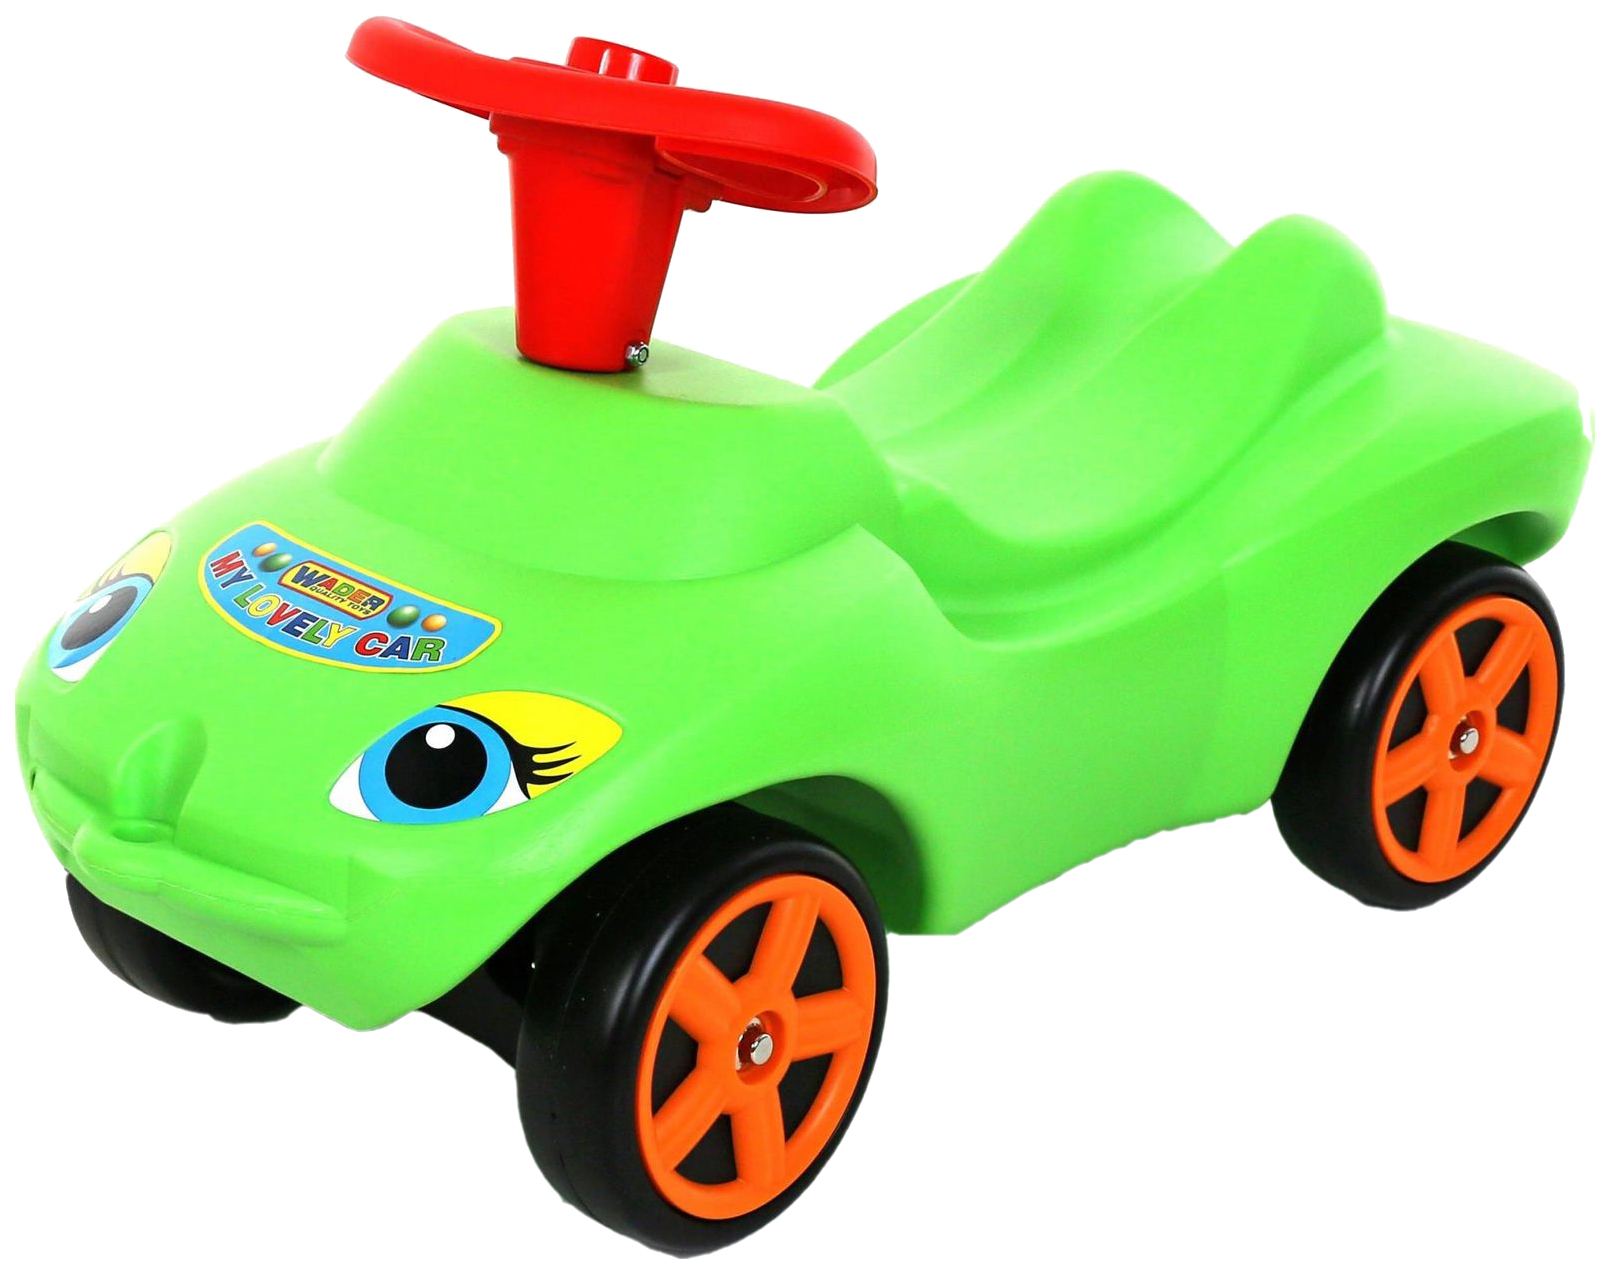 Каталка MOLTO Мой любимый автомобиль со звуковым сигналом зеленый (44617_PLS) фото